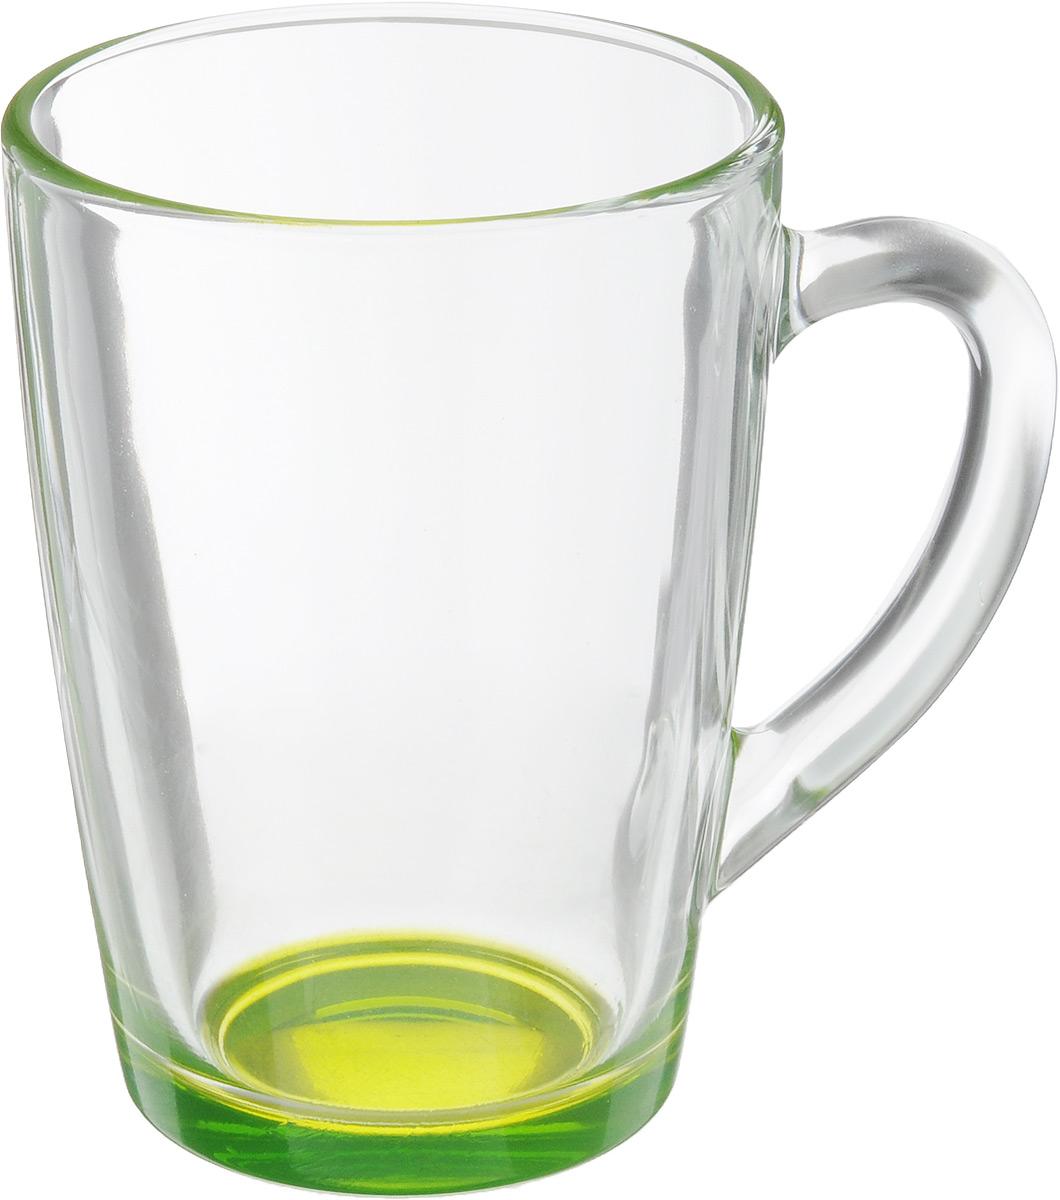 Кружка OSZ Капучино, цвет: прозрачный, салатовый, 300 мл. 07C1334LM54 009312Кружка OSZ Капучино изготовлена из стекла двух цветов. Изделие идеально подходит для сервировки стола.Кружка не только украсит ваш кухонный стол, но и подчеркнет прекрасный вкус хозяйки. Диаметр кружки (по верхнему краю): 8 см. Высота кружки: 11 см. Объем кружки: 300 мл.